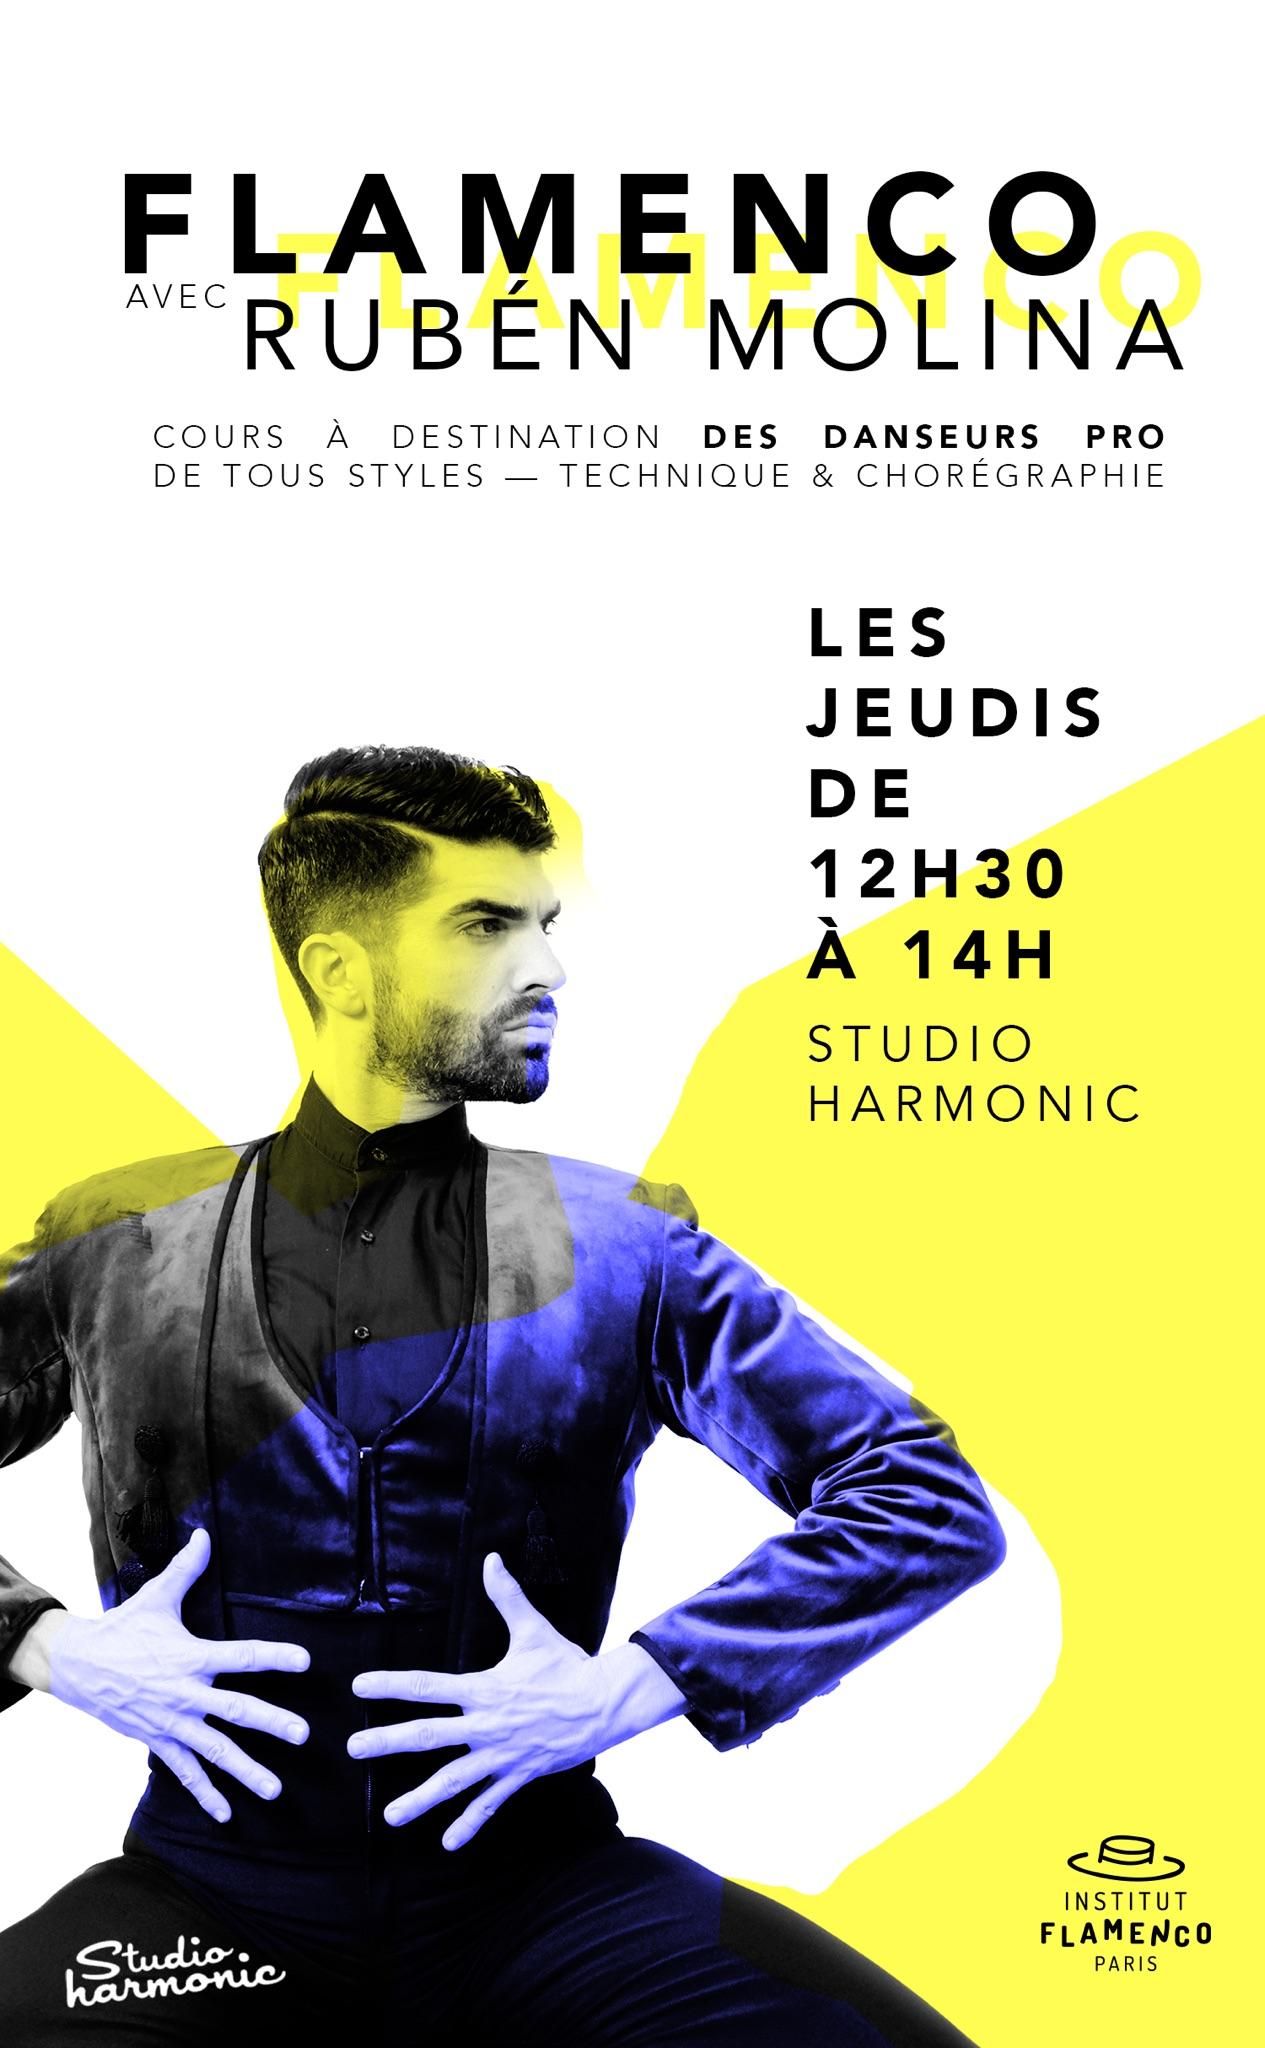 institut flamenco paris cours ruben molina studi harmonic